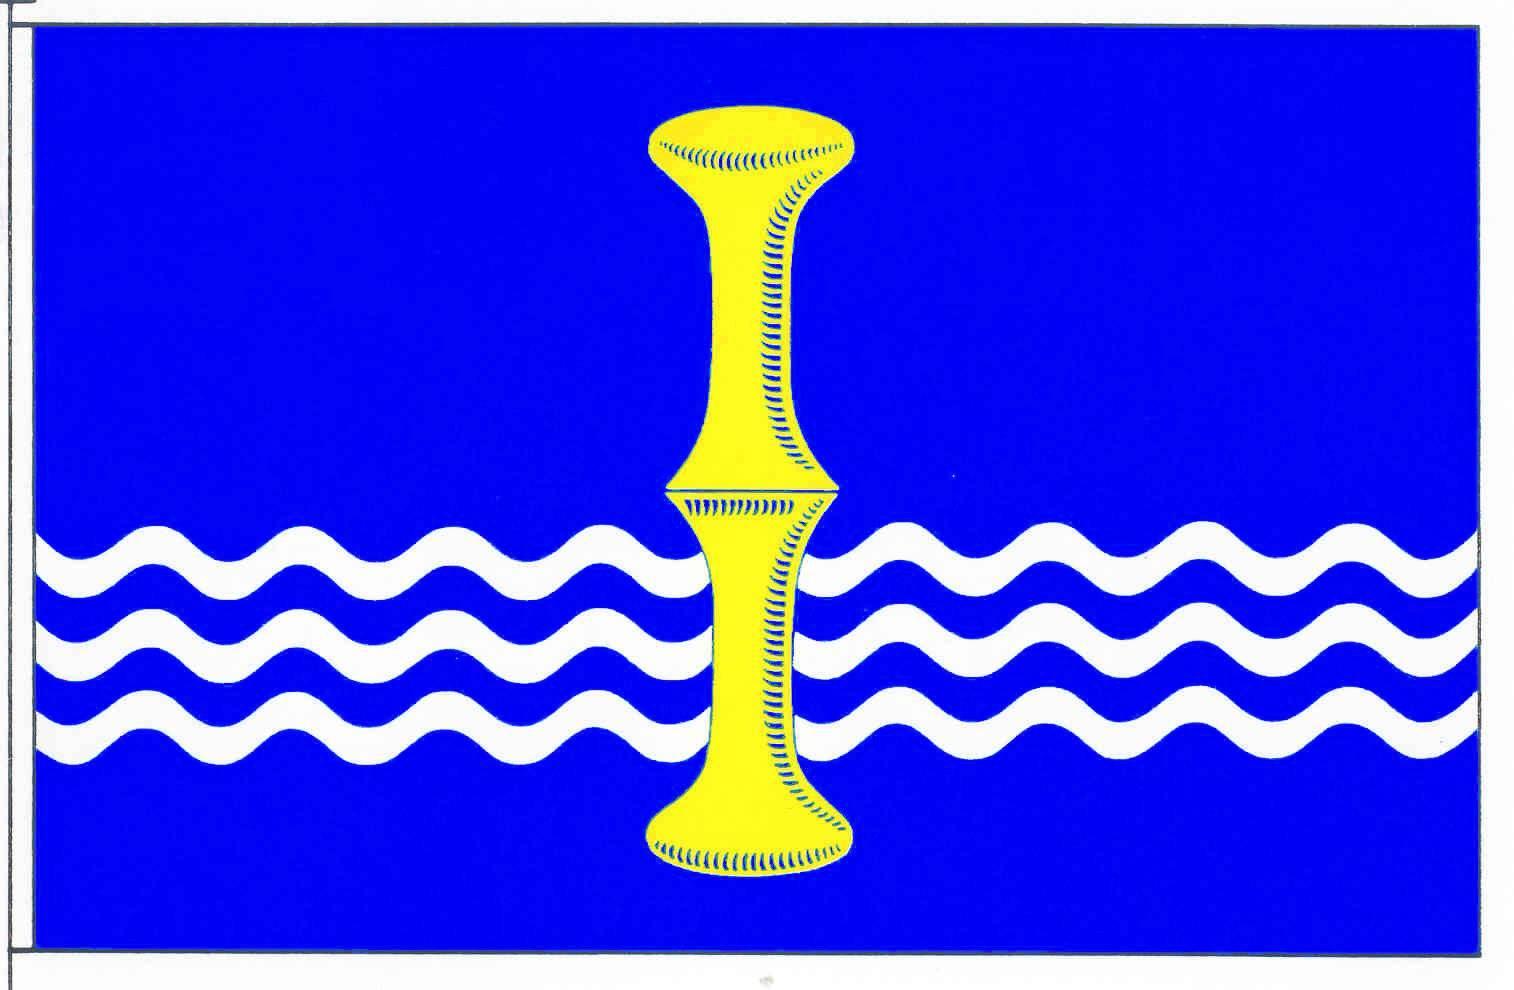 Flagge GemeindeSüderstapel, Kreis Schleswig-Flensburg